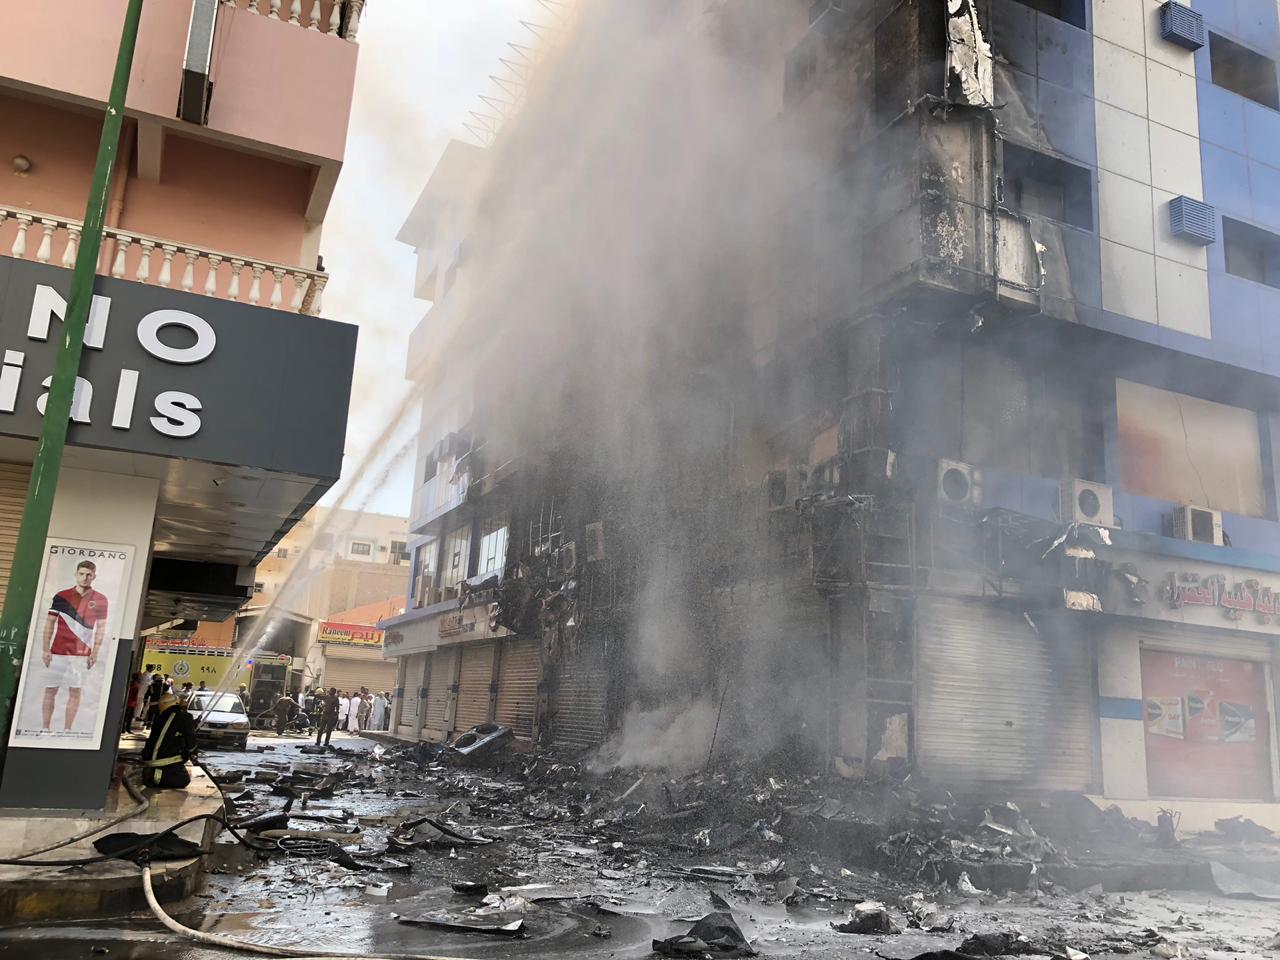 في ينبع.. حريق مبنى سكني يحتجز 8 أشخاص (صور)